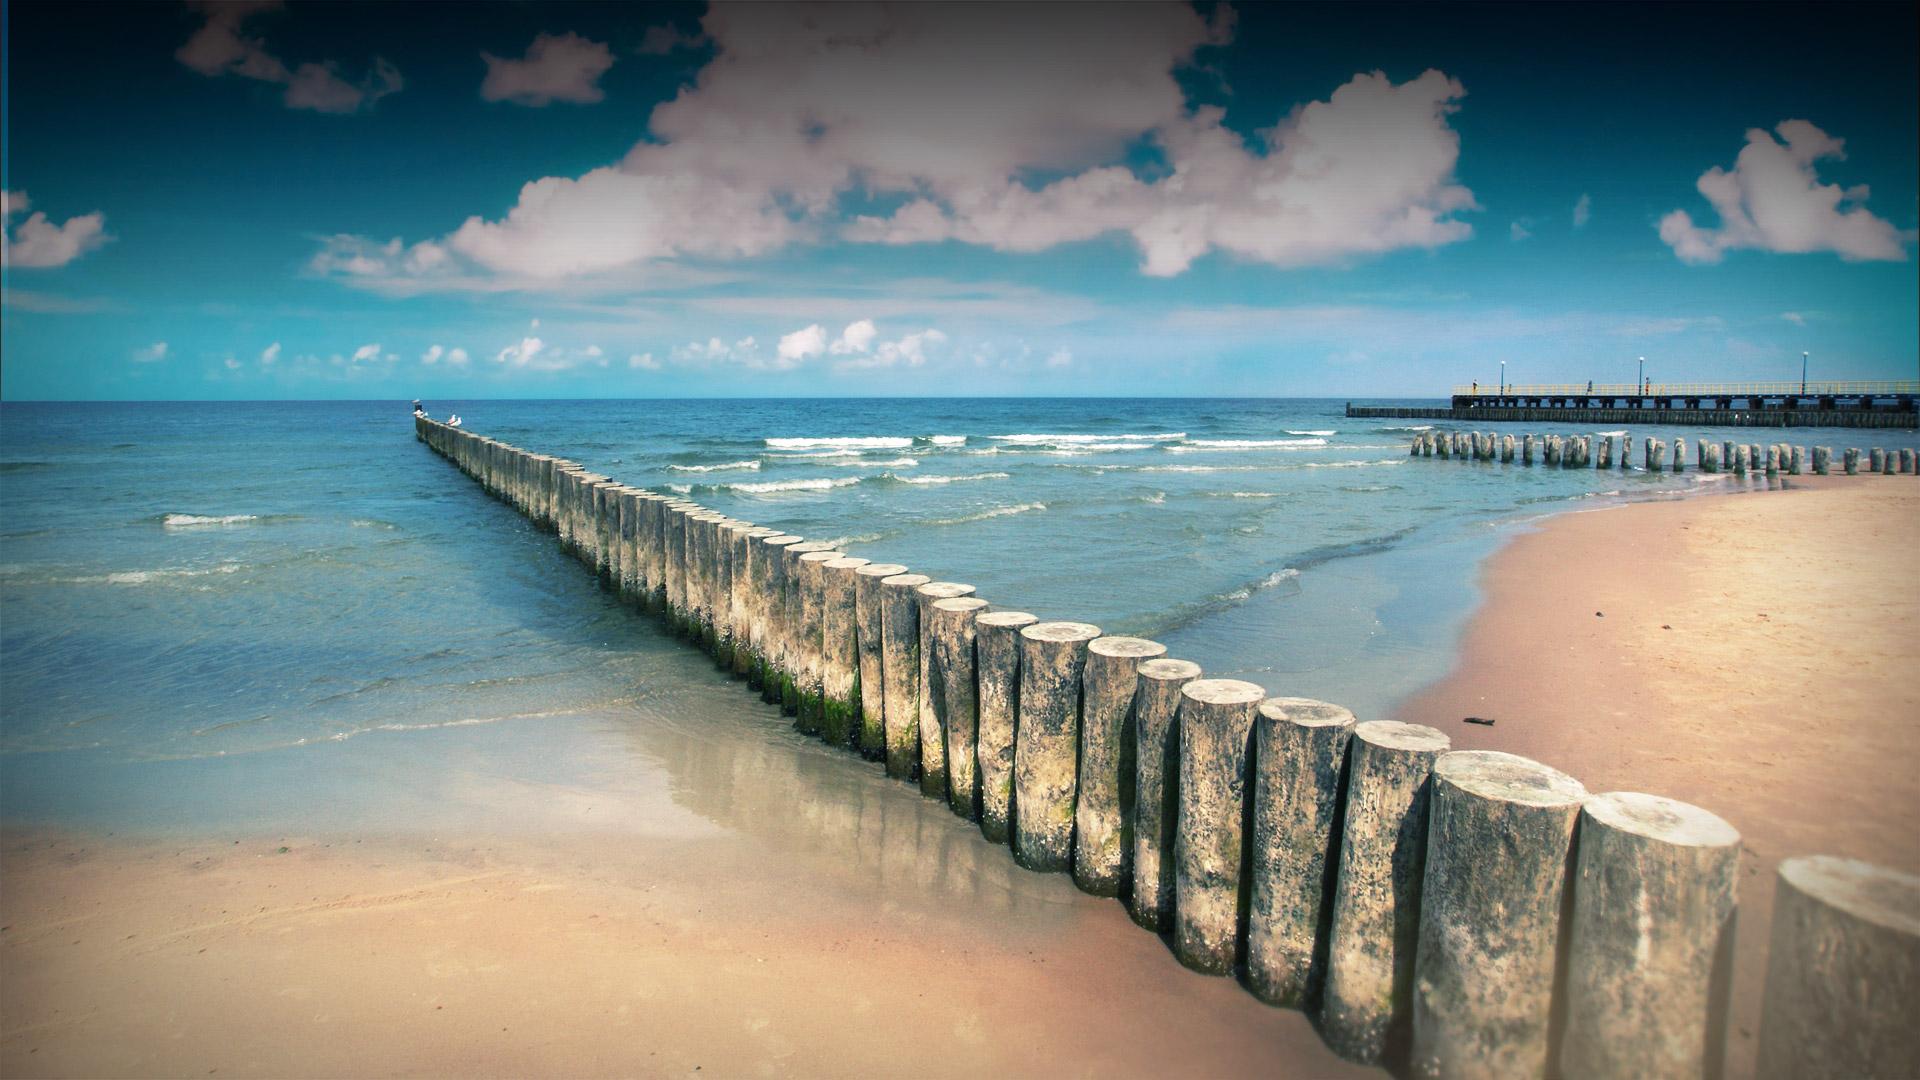 Spokojna woda, falochrony wchodzące w morze. W oddali widoczne molo.